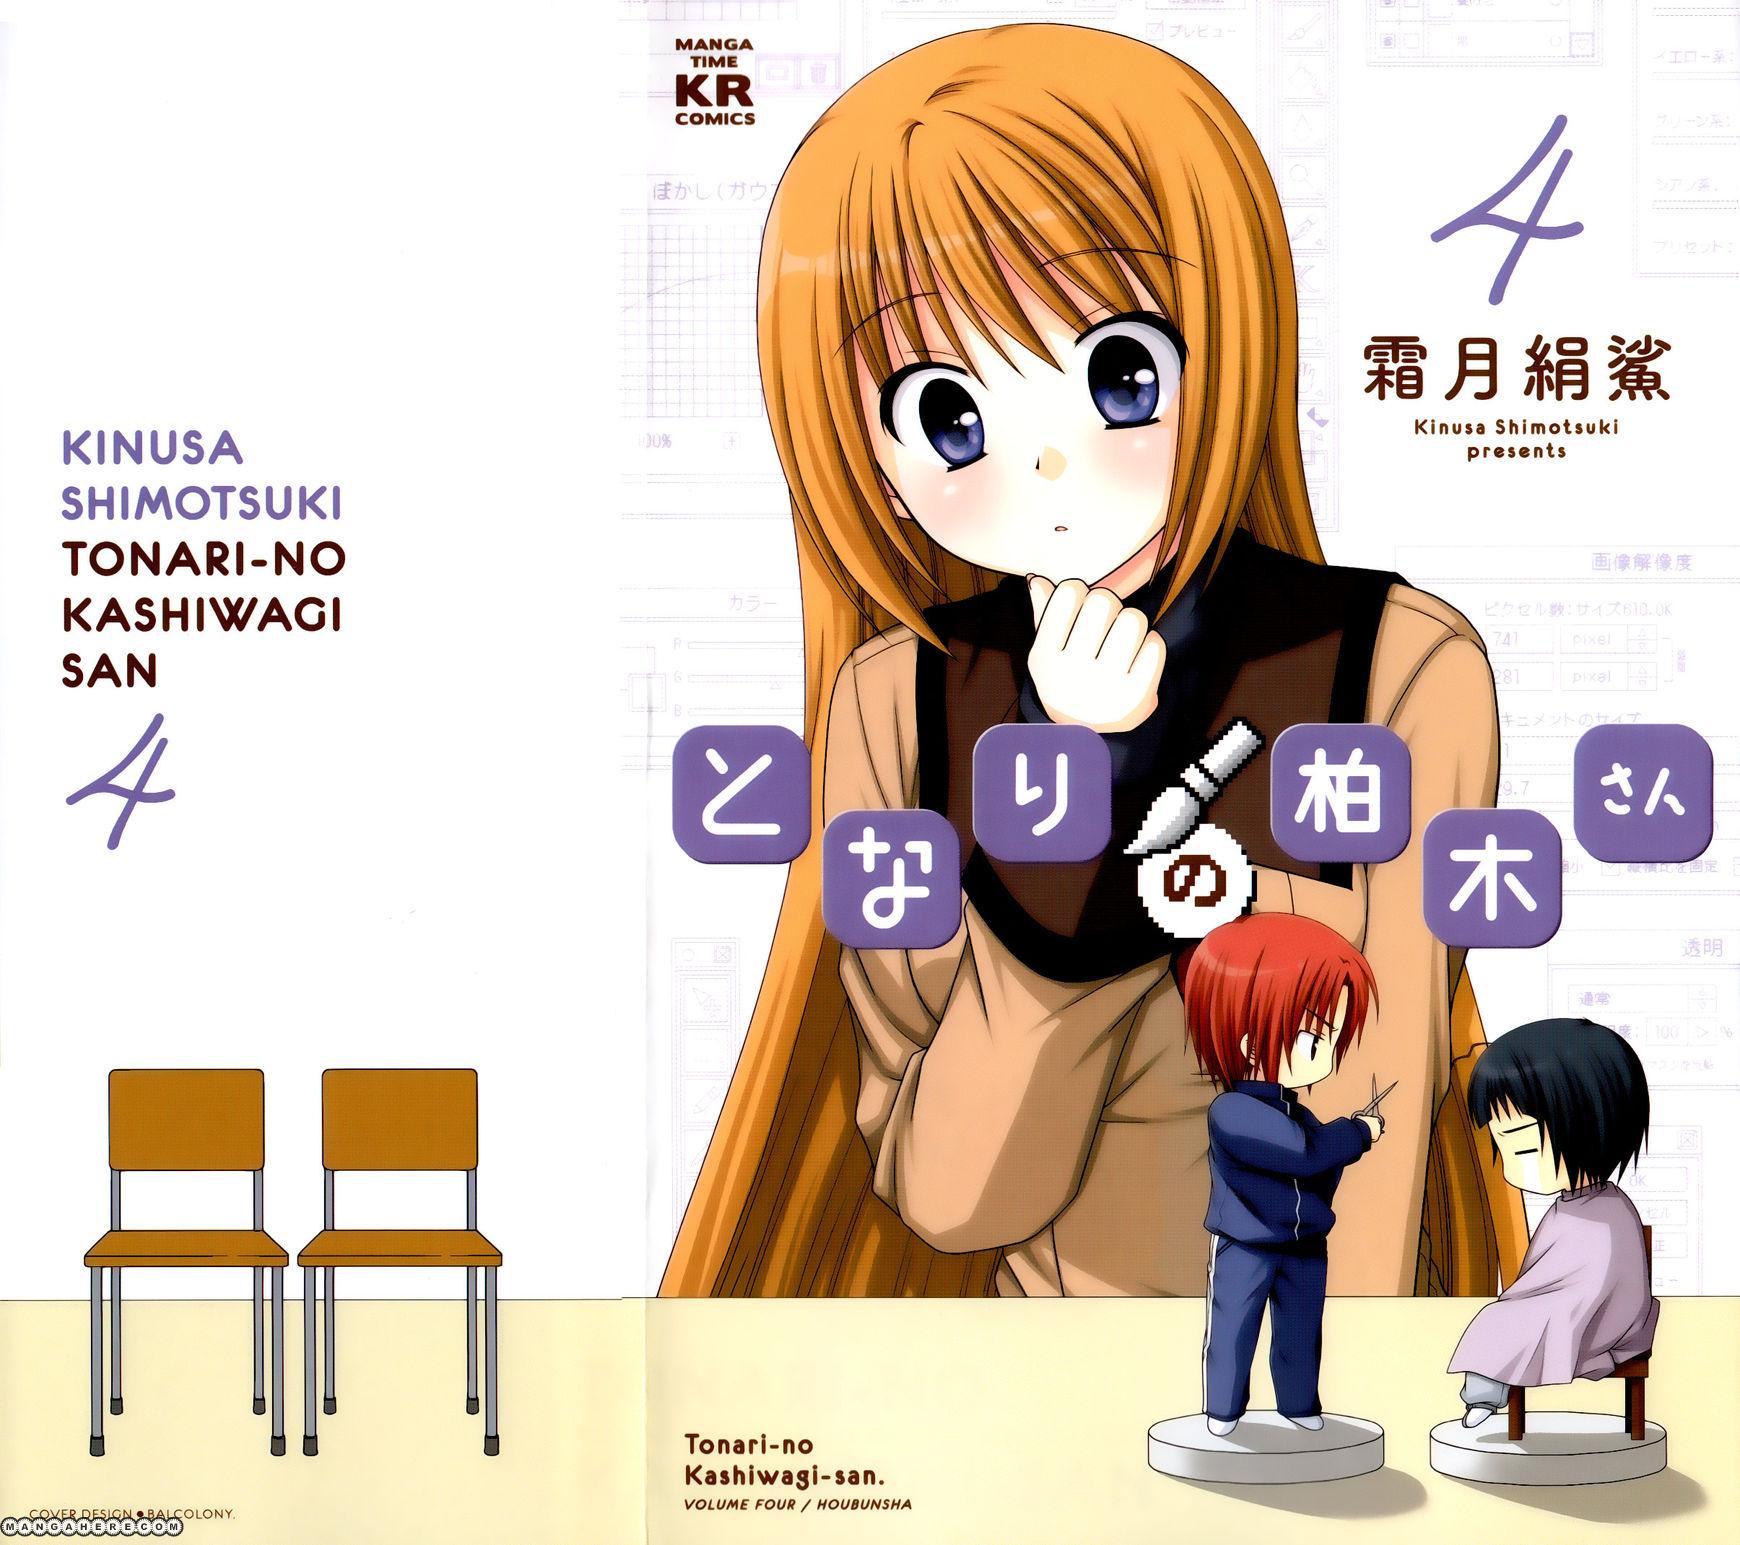 Tonari no Kashiwagi-san 22 Page 3